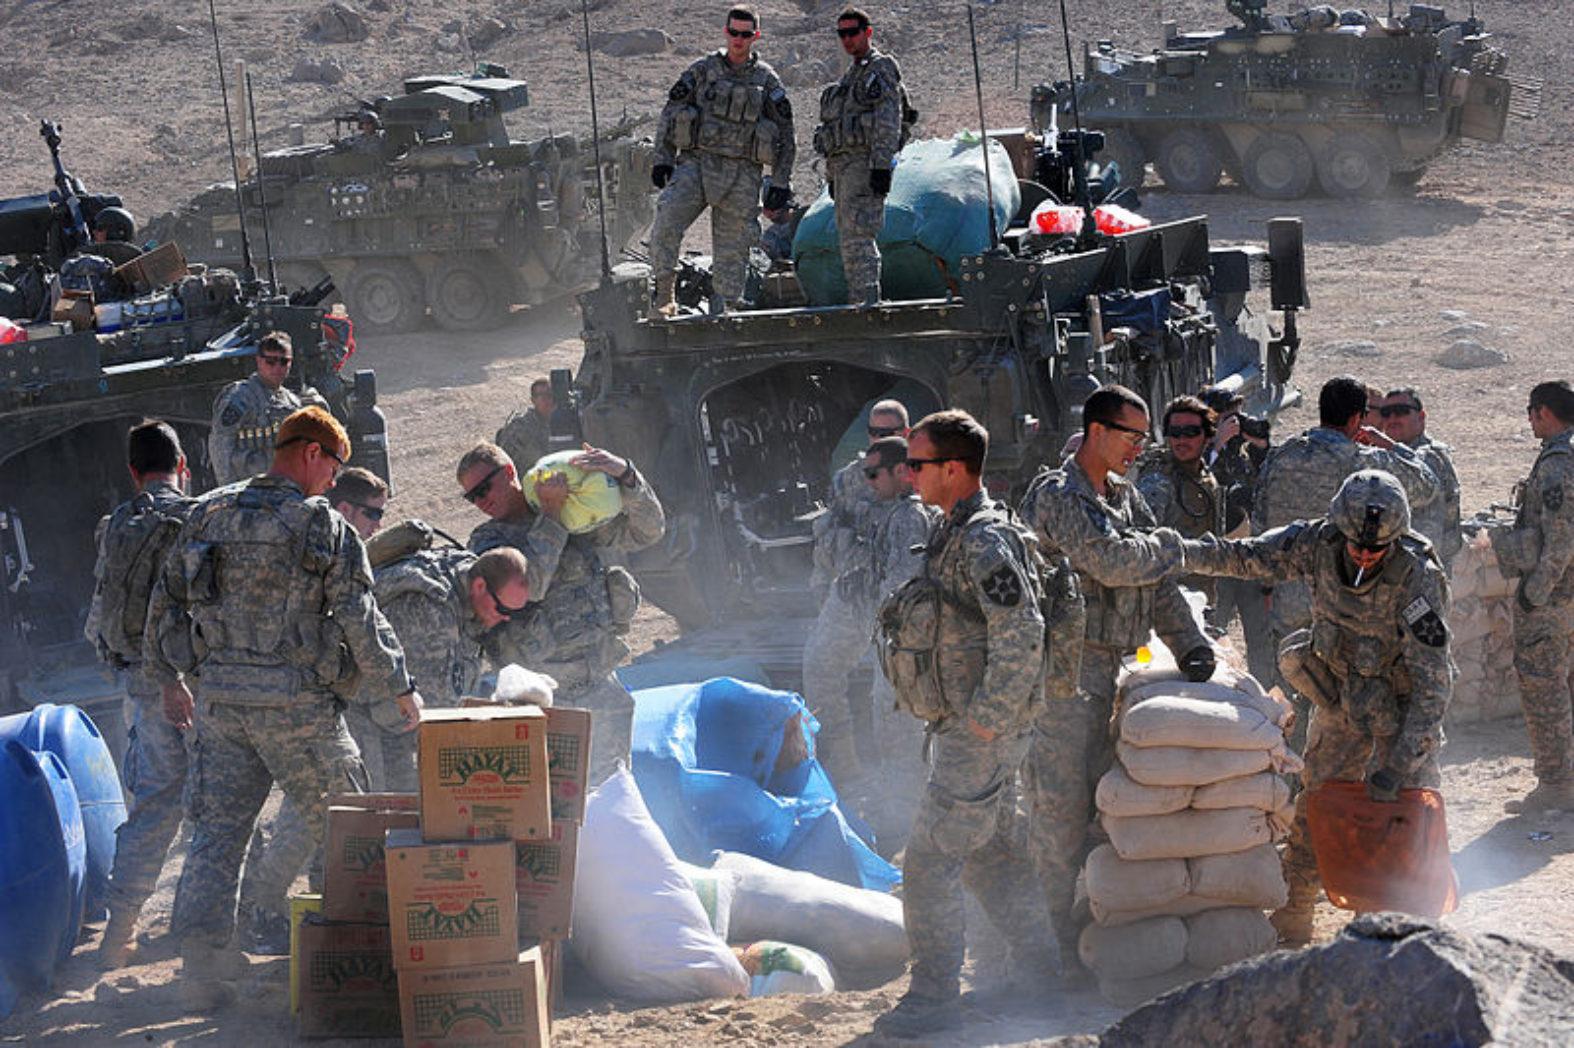 US Army Humanitarian aid in Rajan Kala, Afghanistan